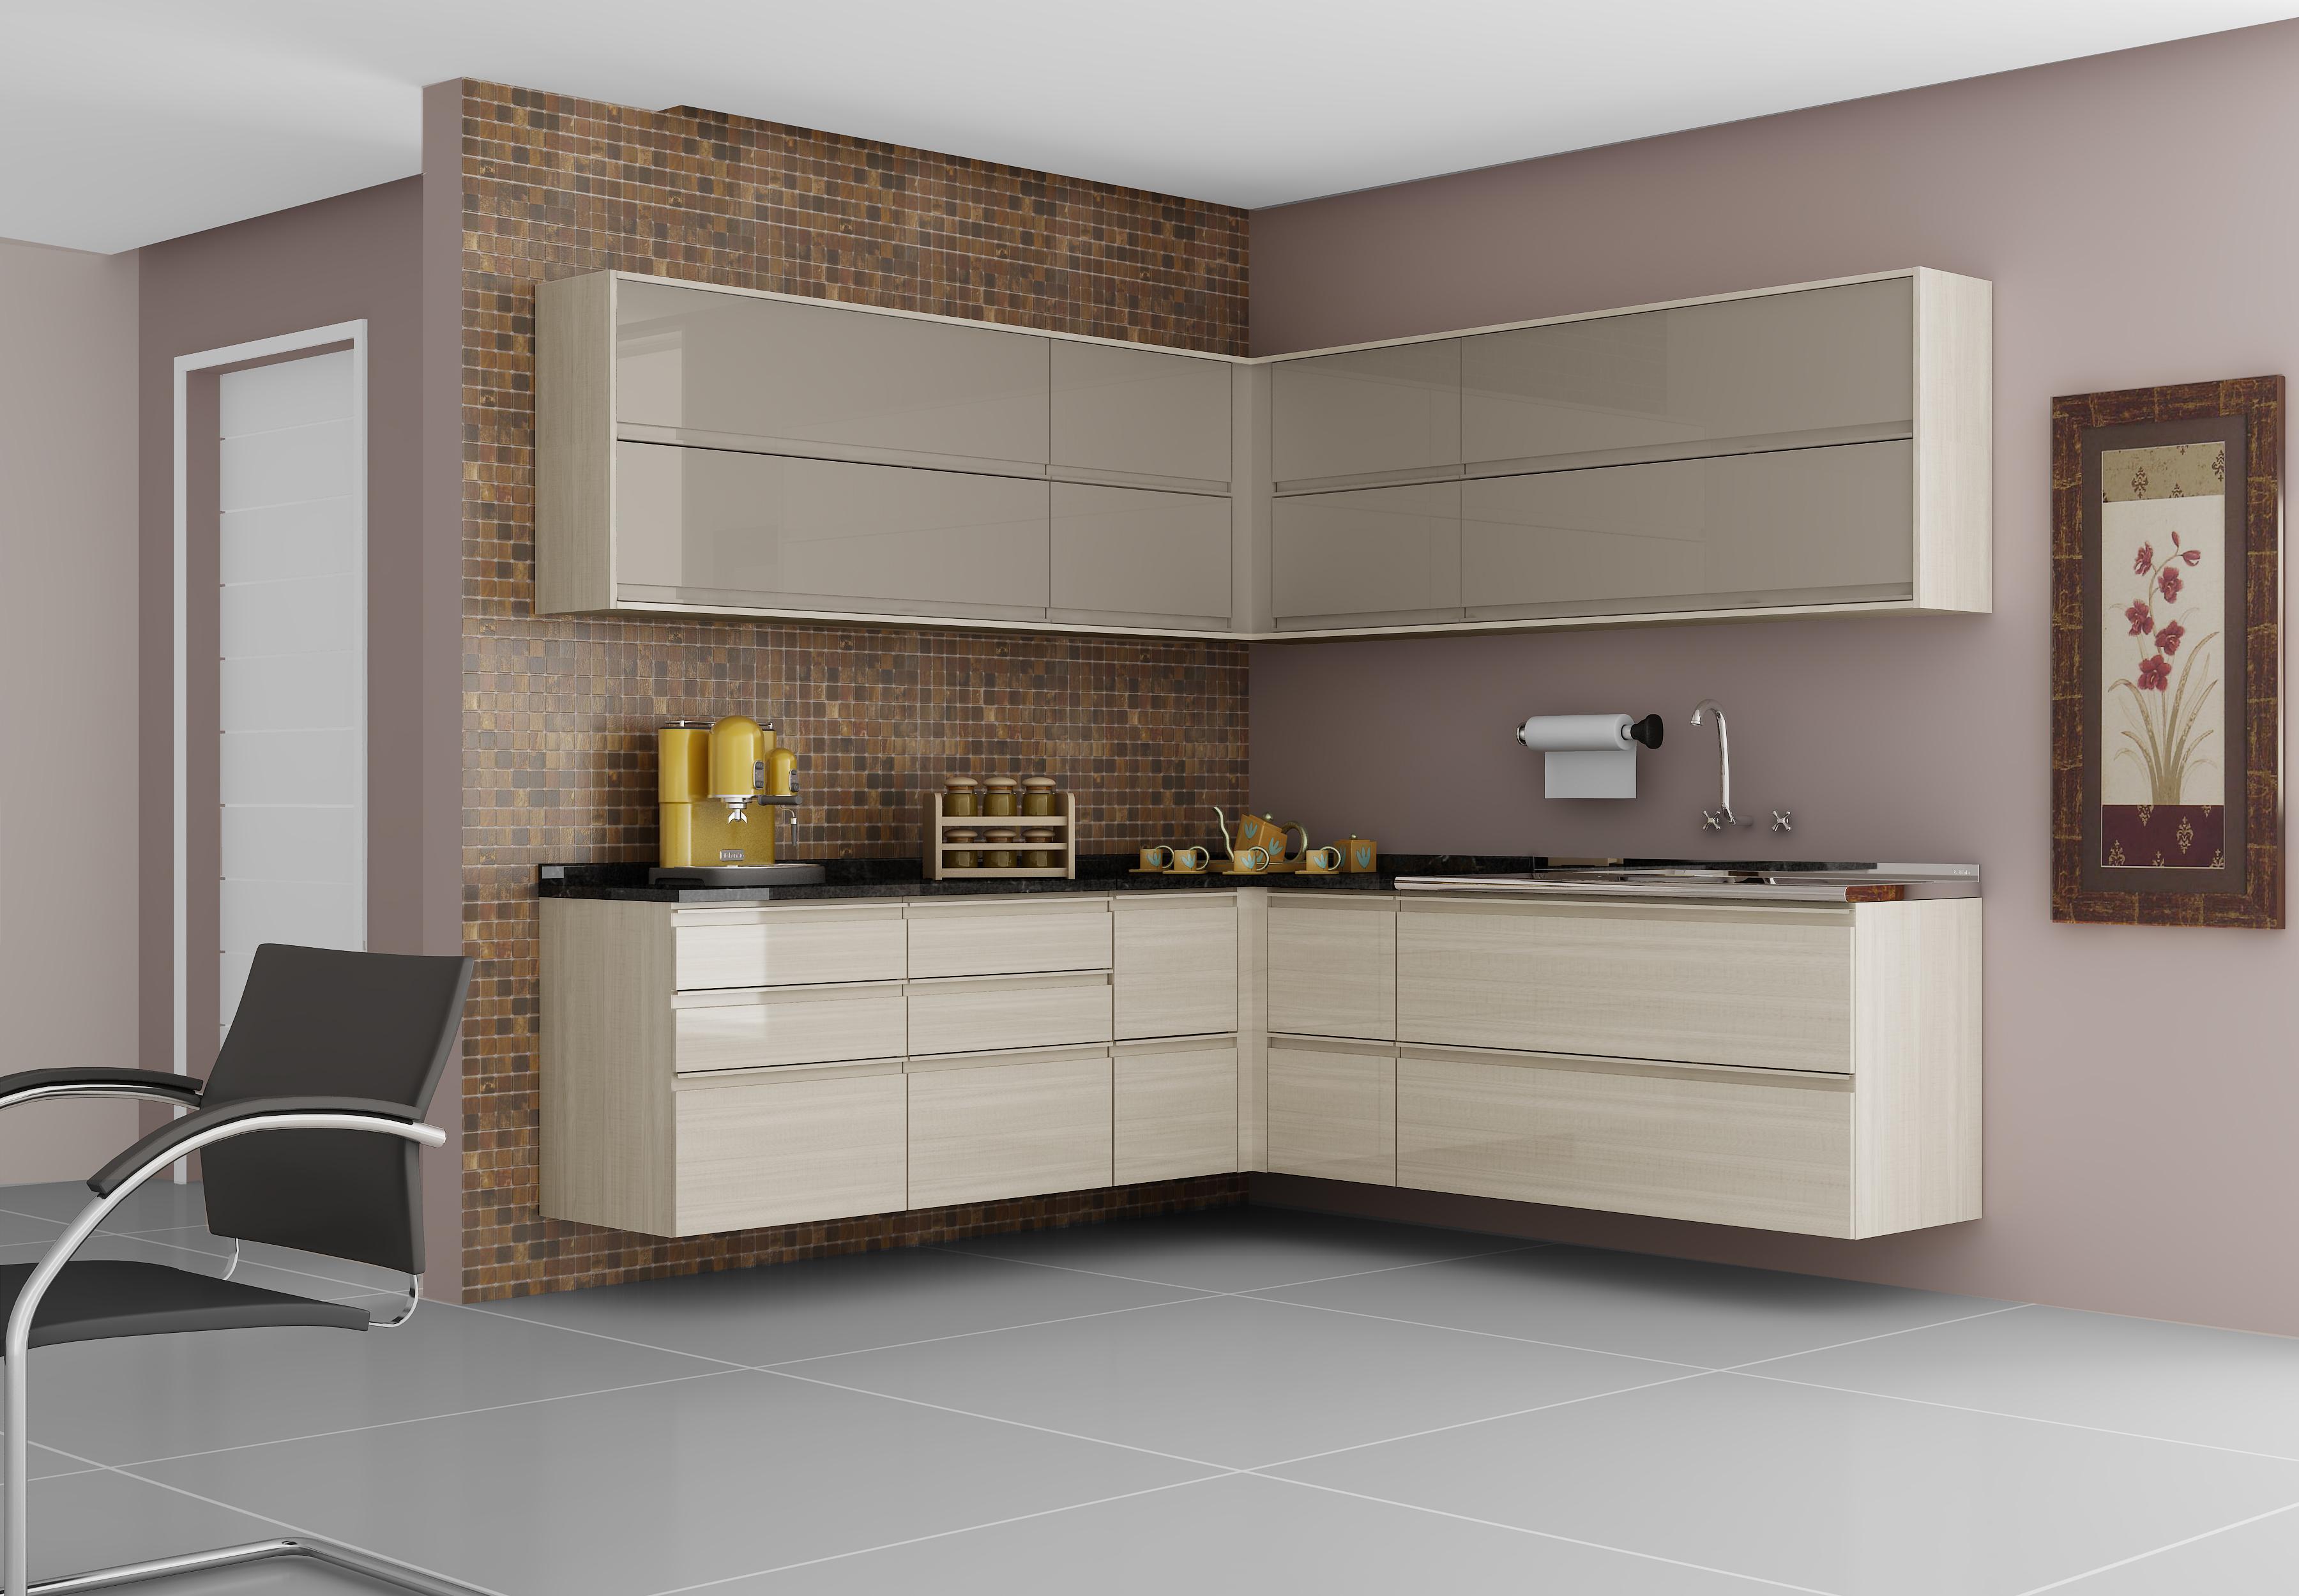 Cozinha Itatiaia de Madeira: (fazemos sob medida de acordo com o seu  #9B8530 3600 2499